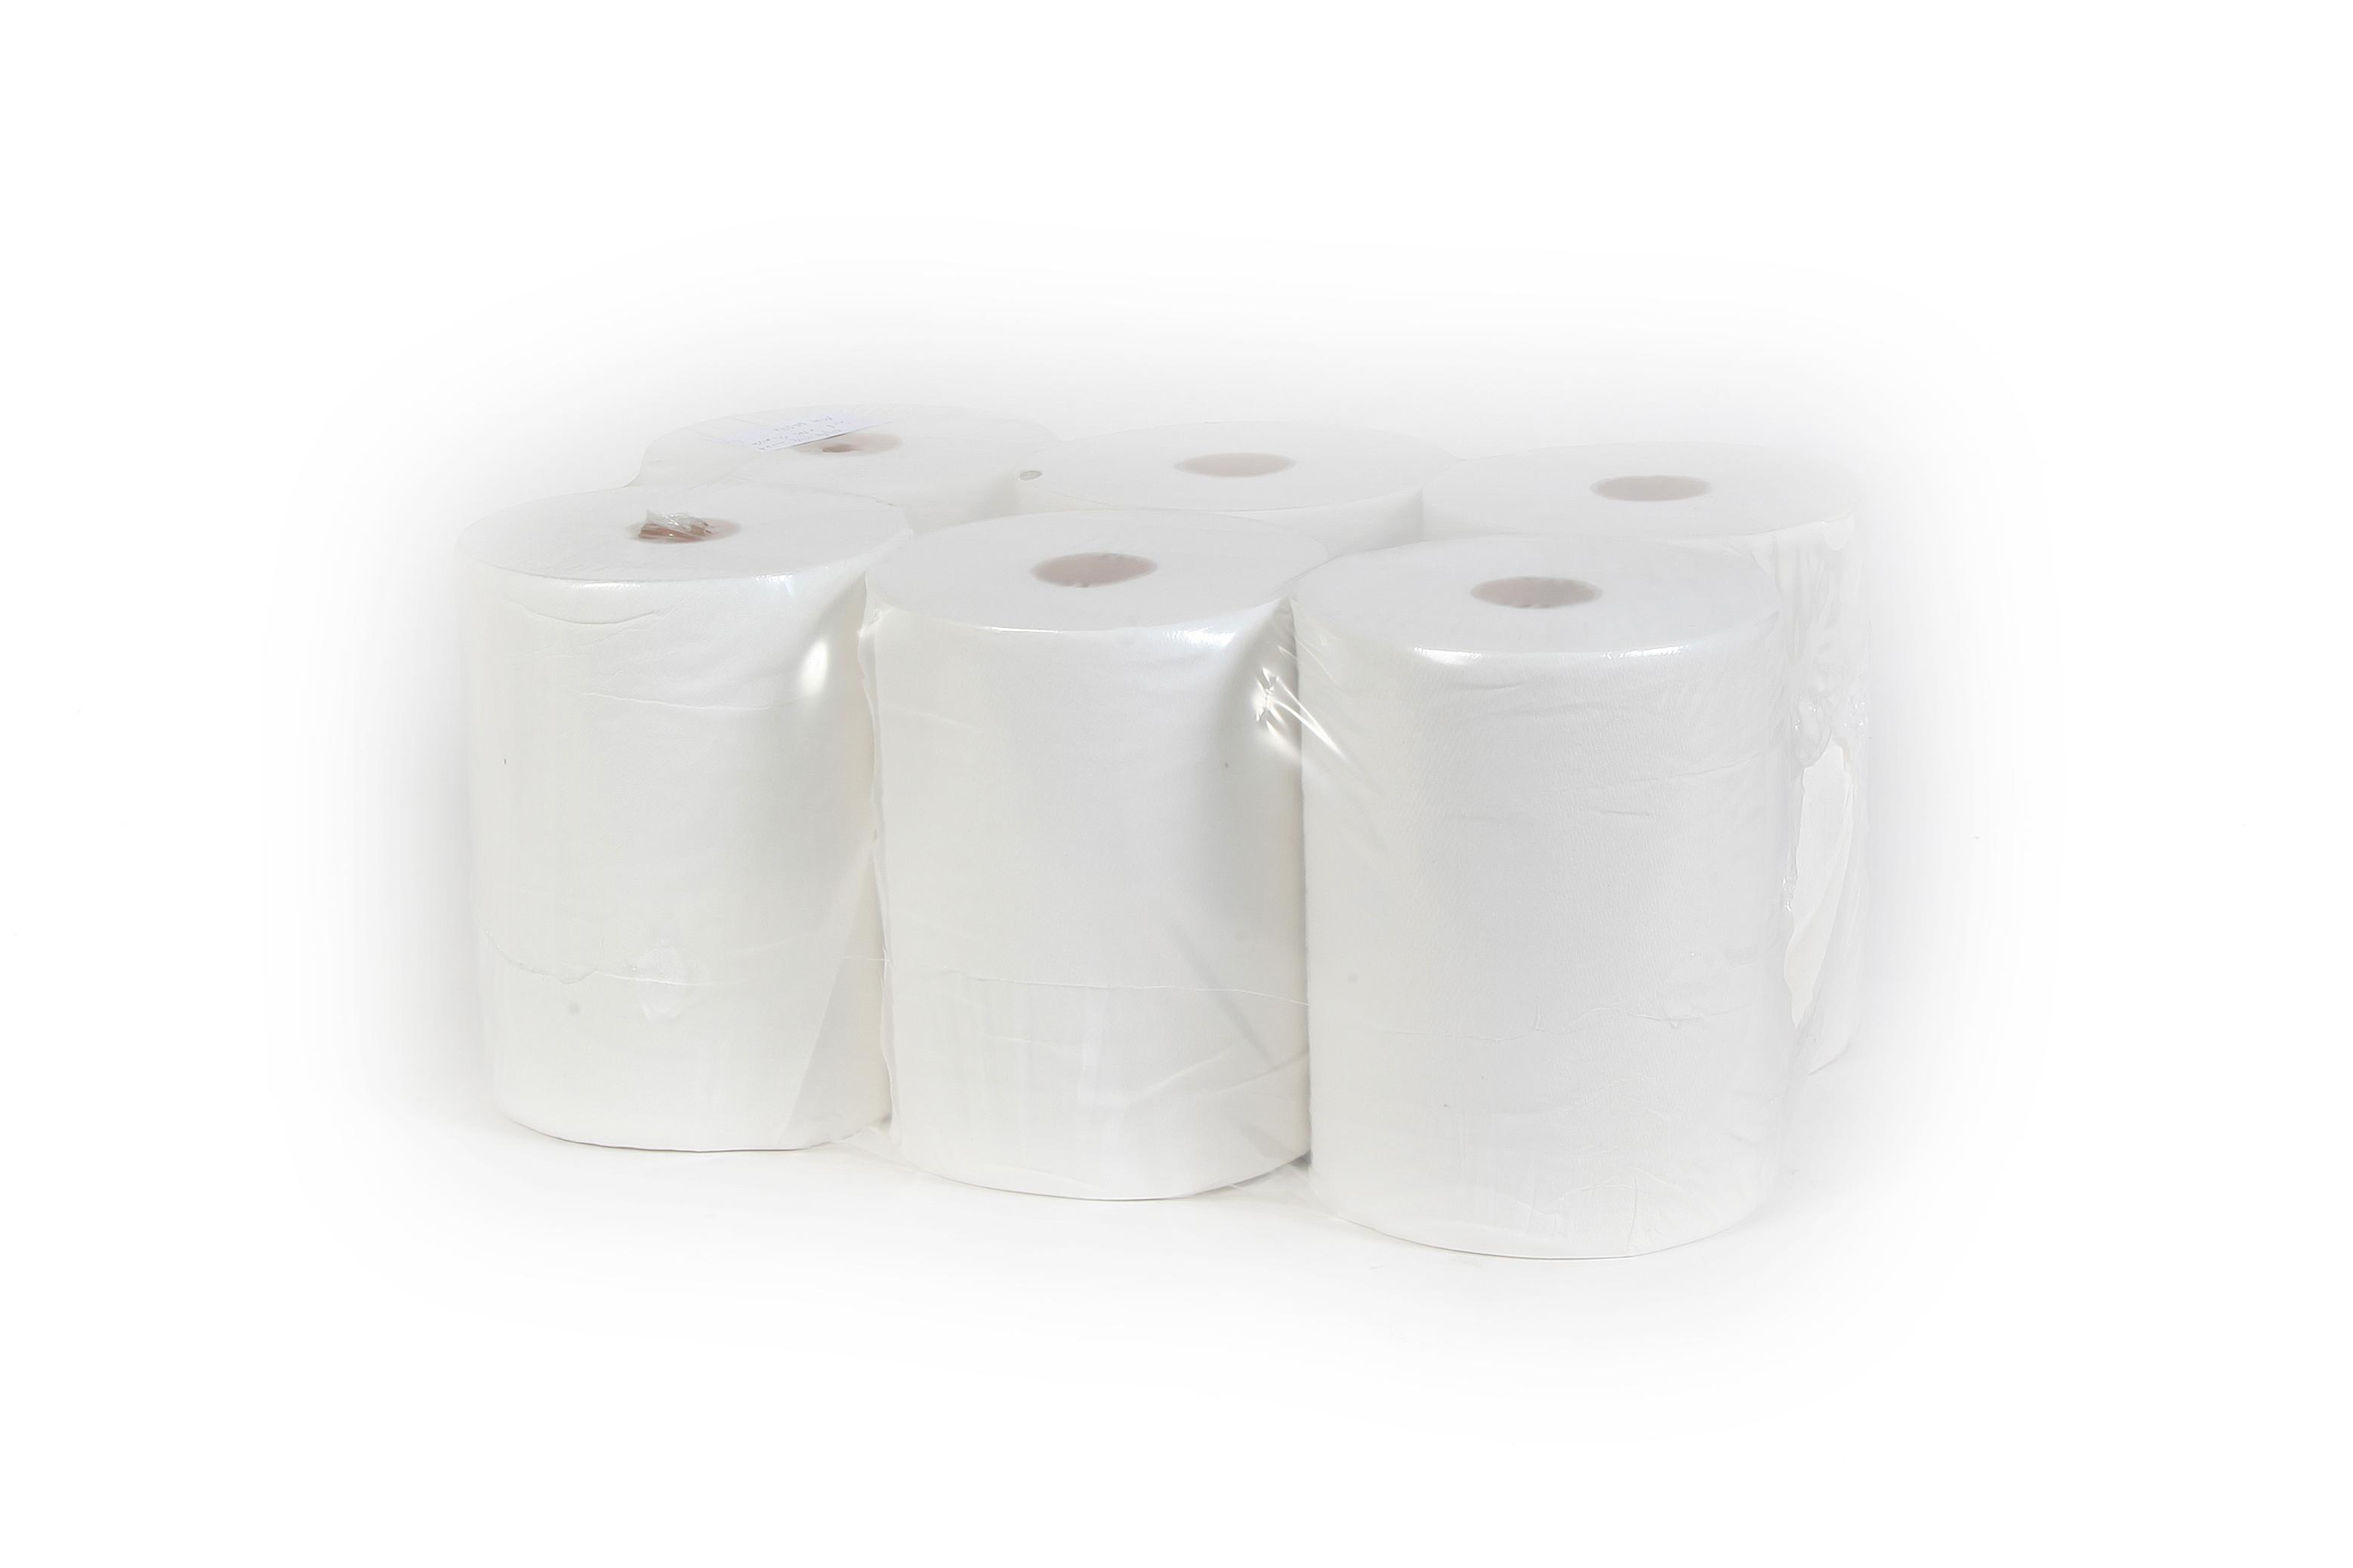 מגבות נייר - מגבת קונטרול 100 מ' חד שכבתי - 6 יח'